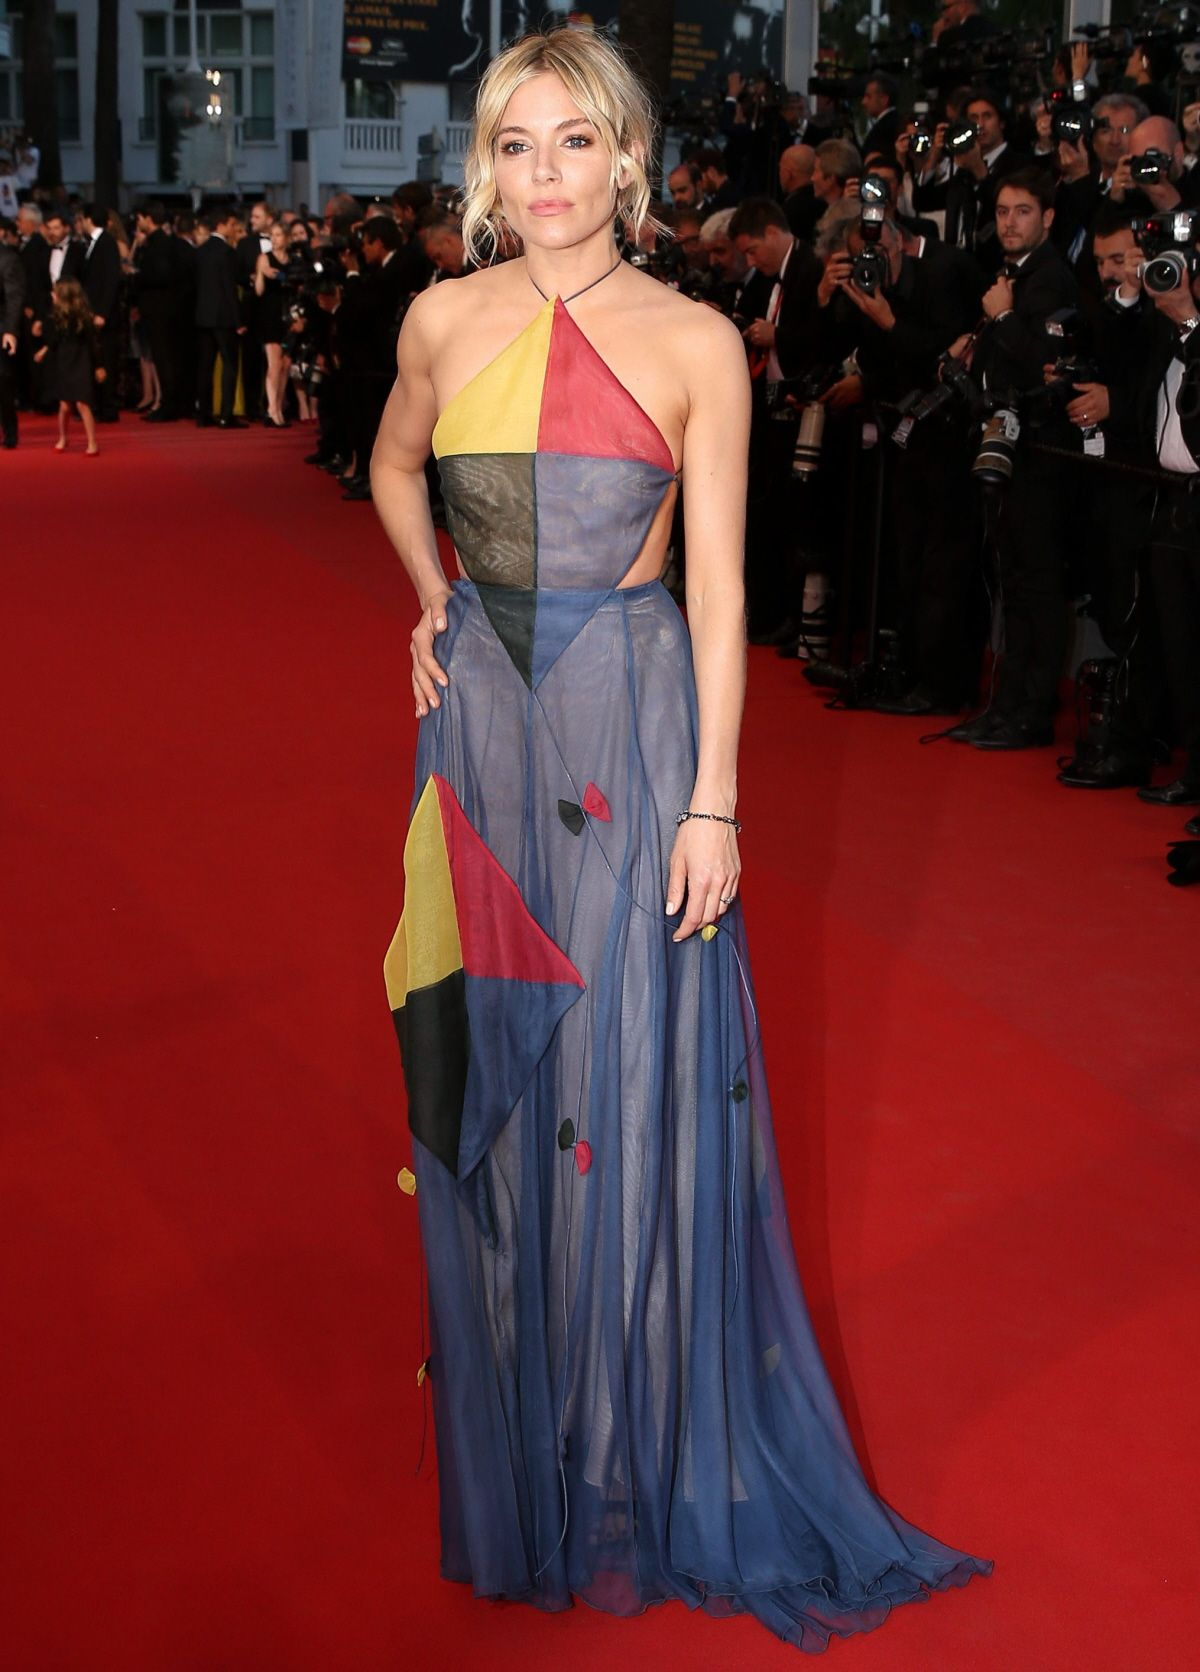 sienna miller dress may 2015 - Google Search   resimler   Pinterest